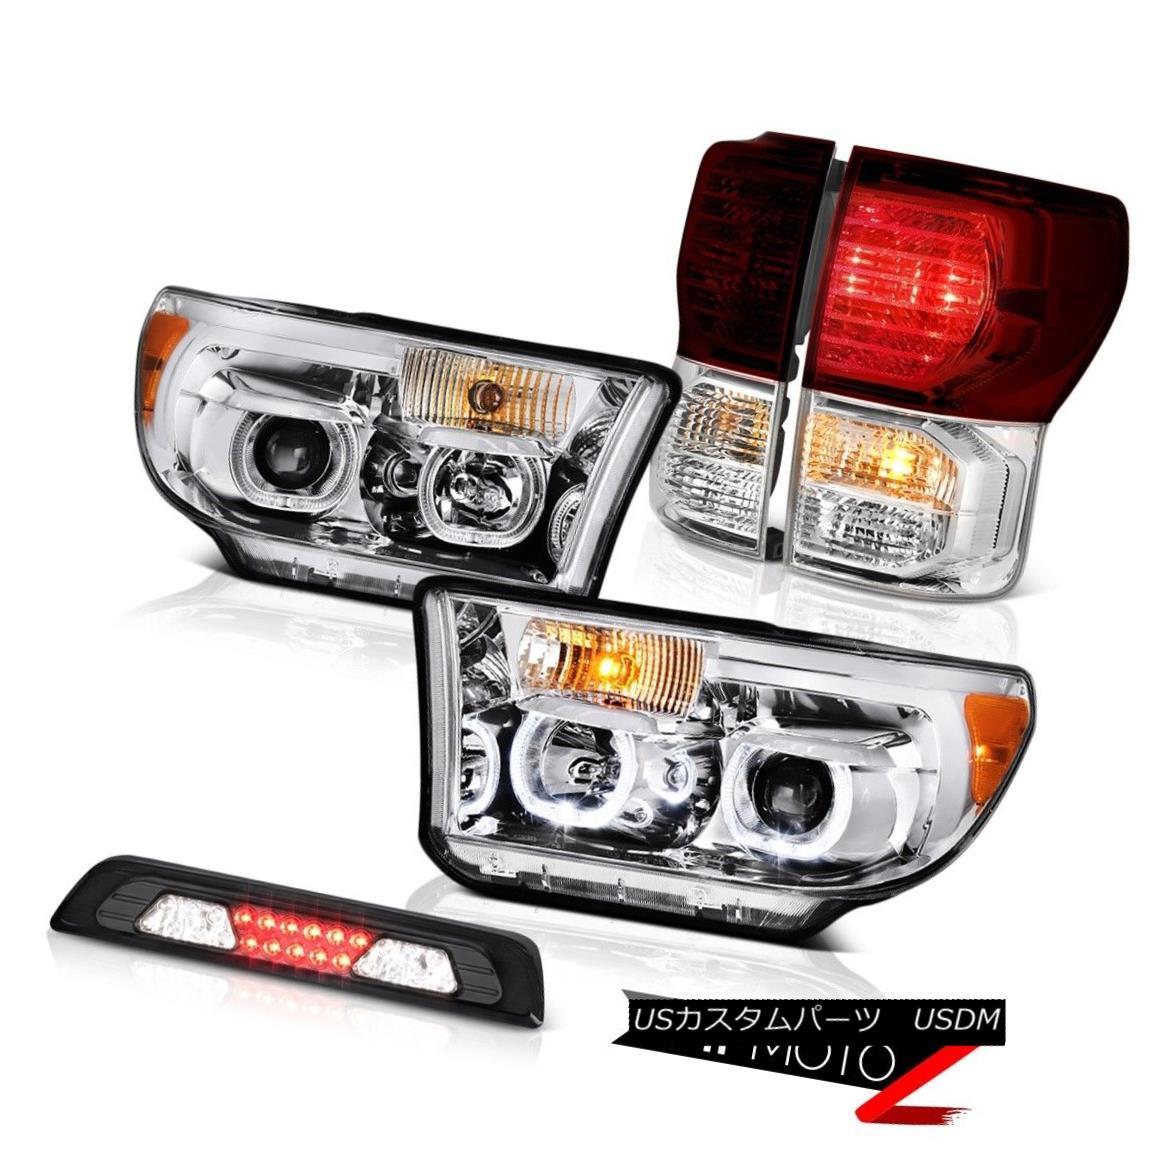 テールライト 2007-2013 Toyota Tundra SR5 Headlights Roof Cab Lamp Tail Lights LED Angel Eyes 2007-2013トヨタ・トンドラSR5ヘッドライトルーフキャブ・ランプテール・ライトLEDエンジェル・アイズ